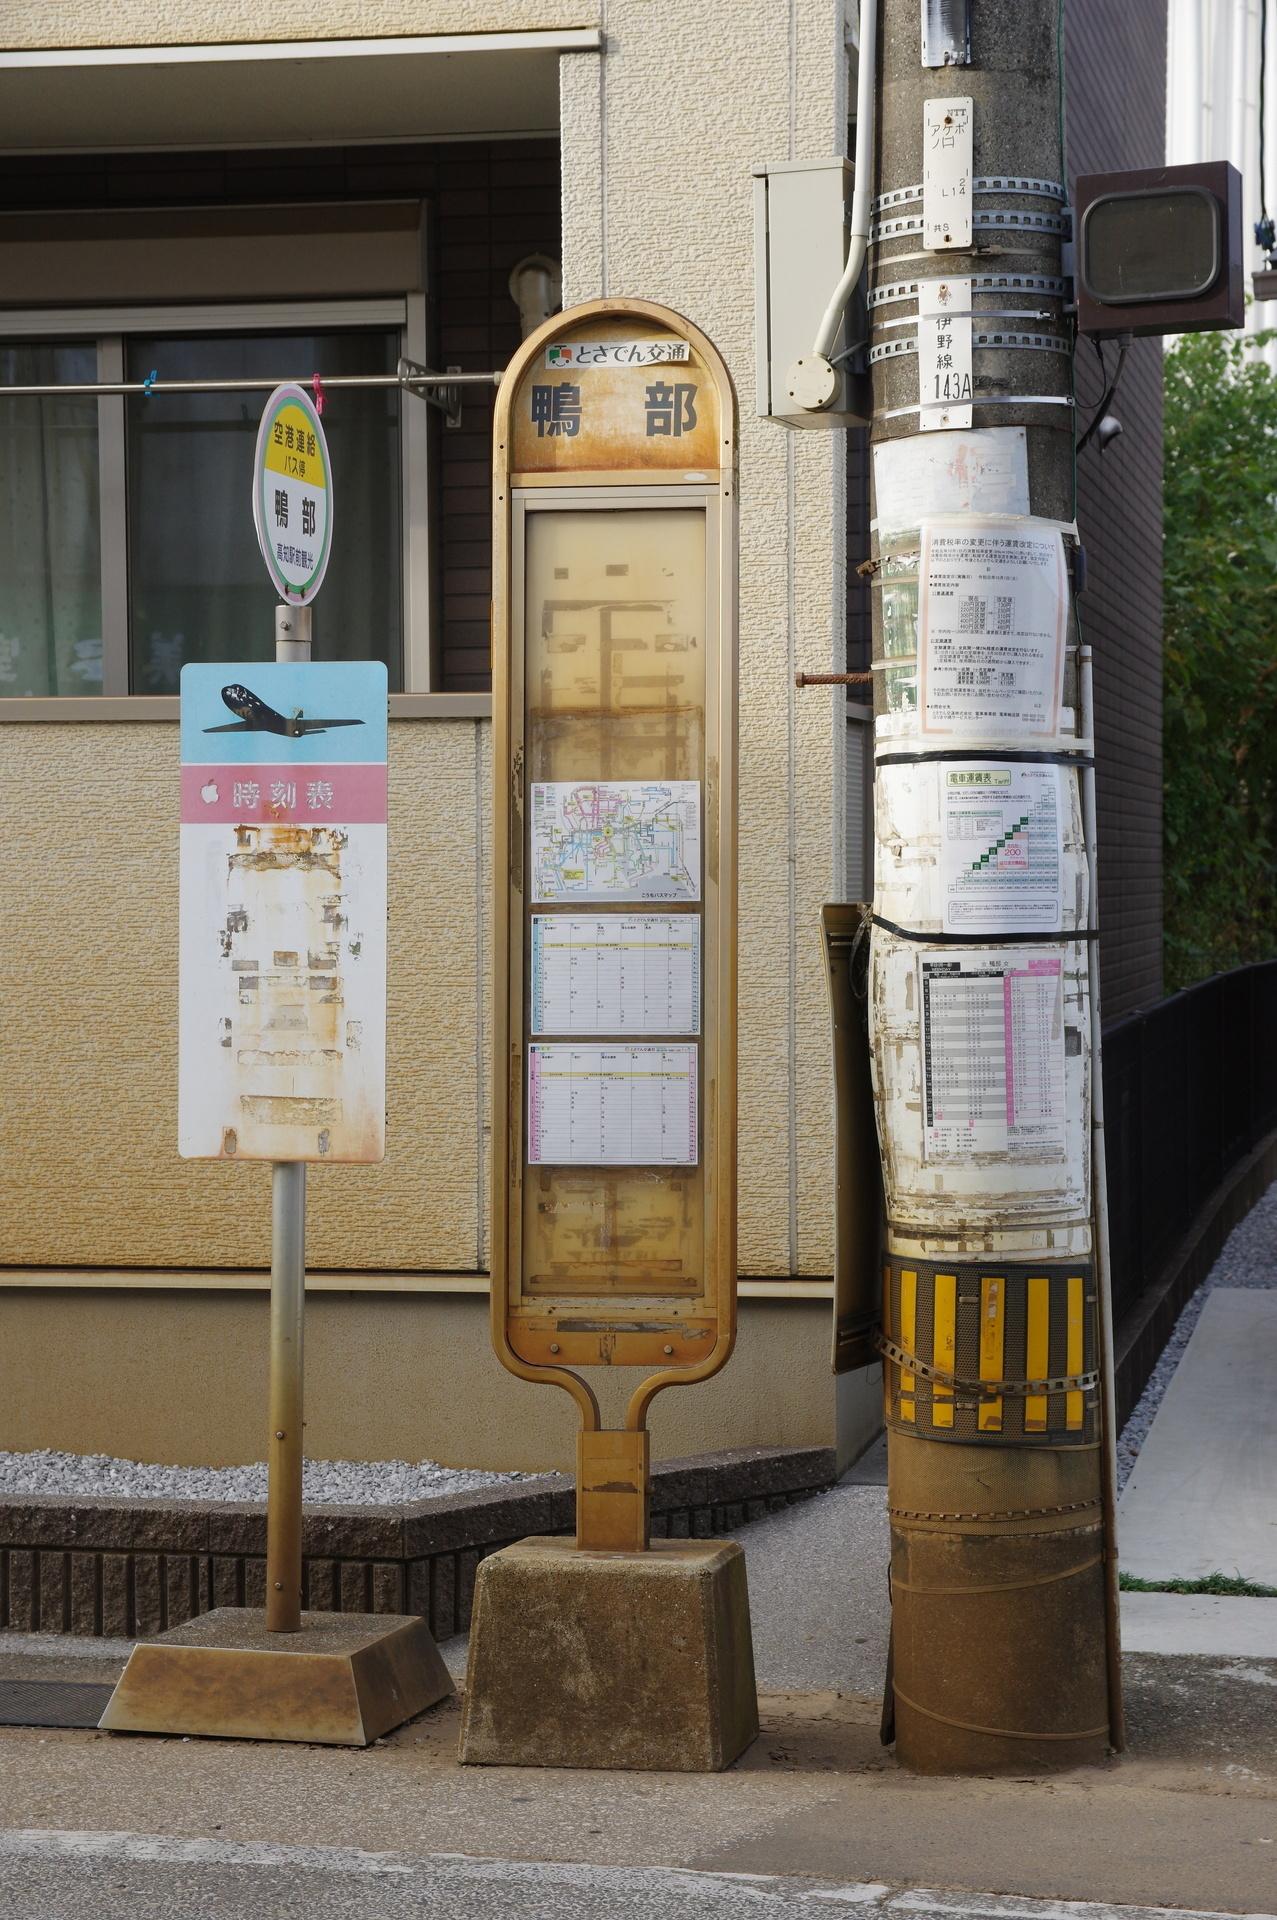 時刻表が貼られた電柱とバス停